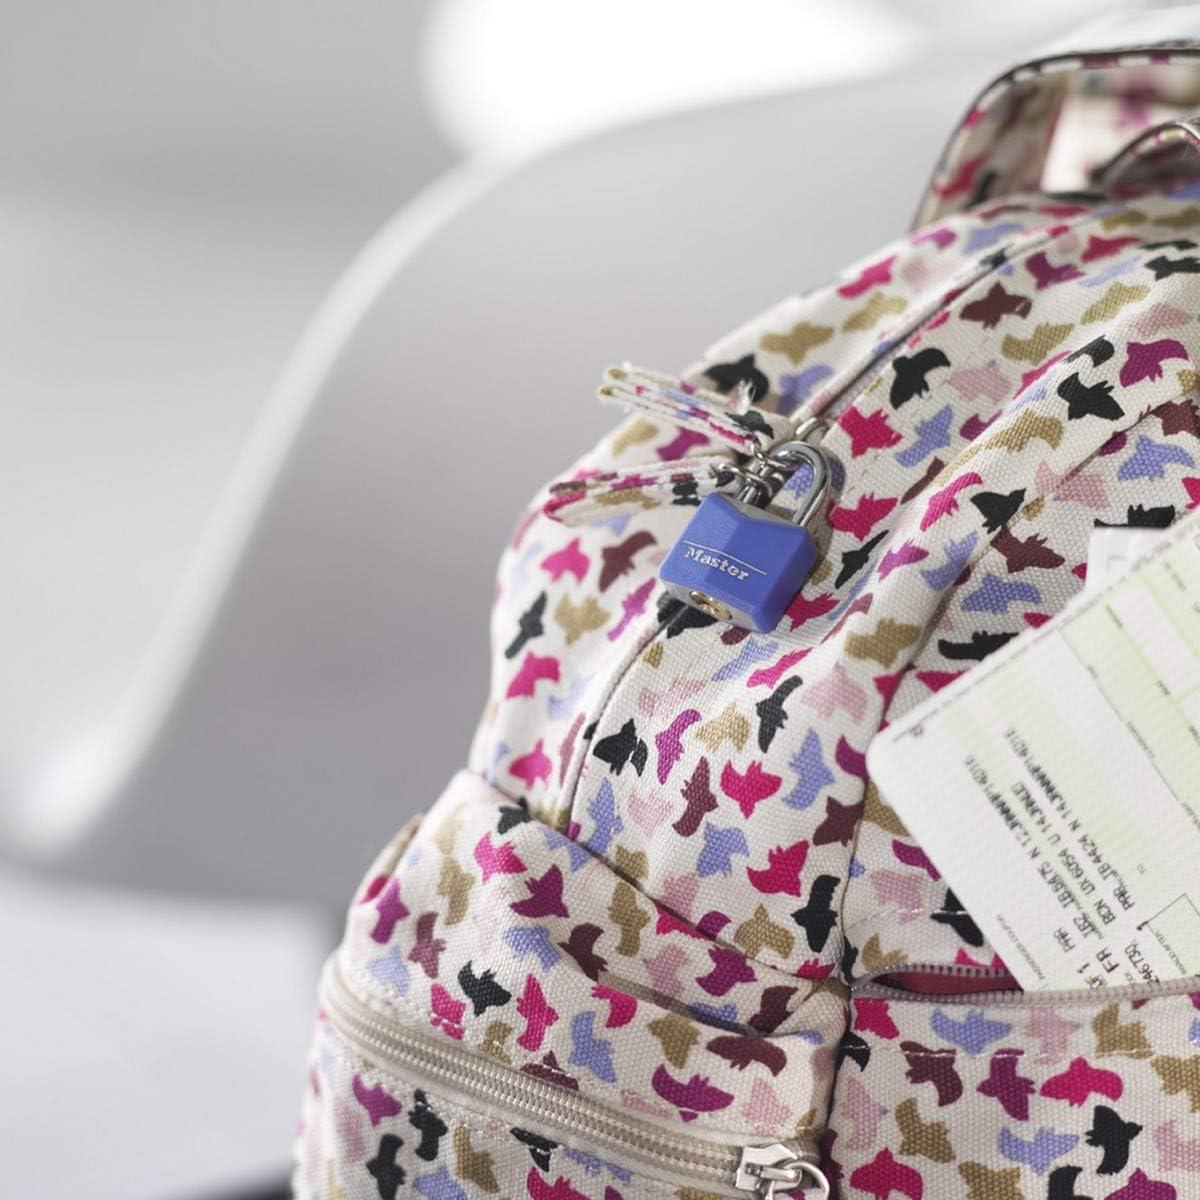 Schl/üssel Gleichschliessend Ideal f/ür Rucks/äcke 120EURQNOP Computertaschen und mehr 4er-Pack Familienpackung MASTER LOCK Kleine Vorh/ängeschlosser Set Gep/äck